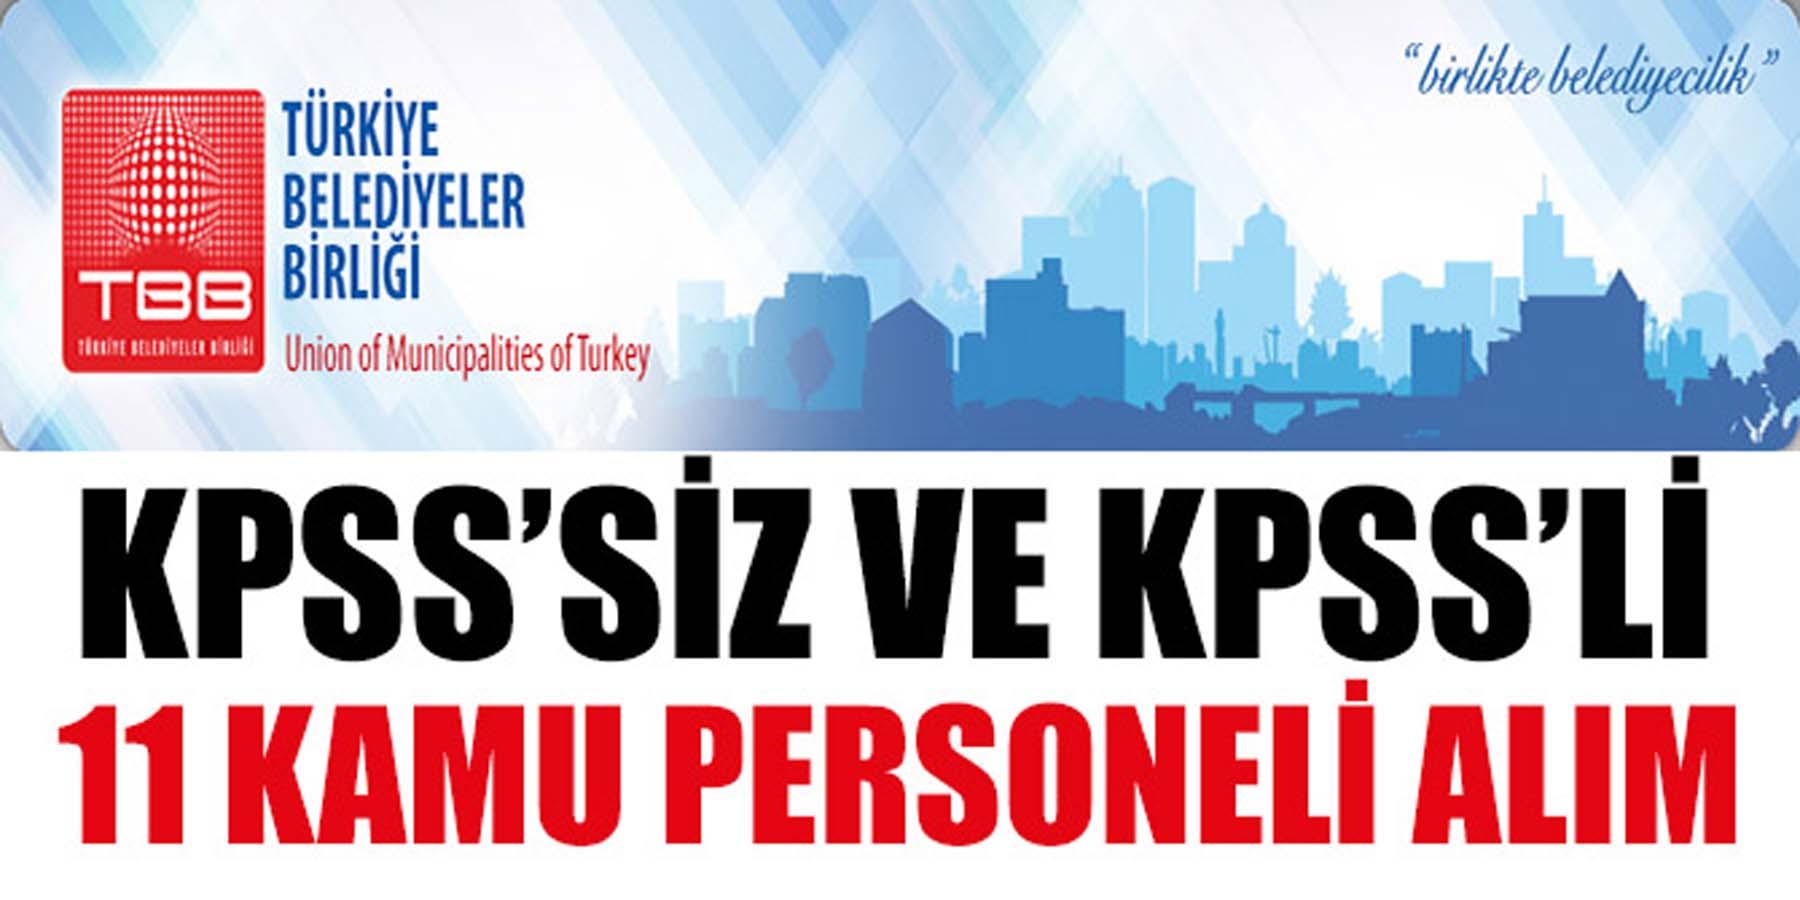 Belediyeler Birliği KPSS'siz ve KPSS 60 Puanla 11 Kamu Personeli Alımı